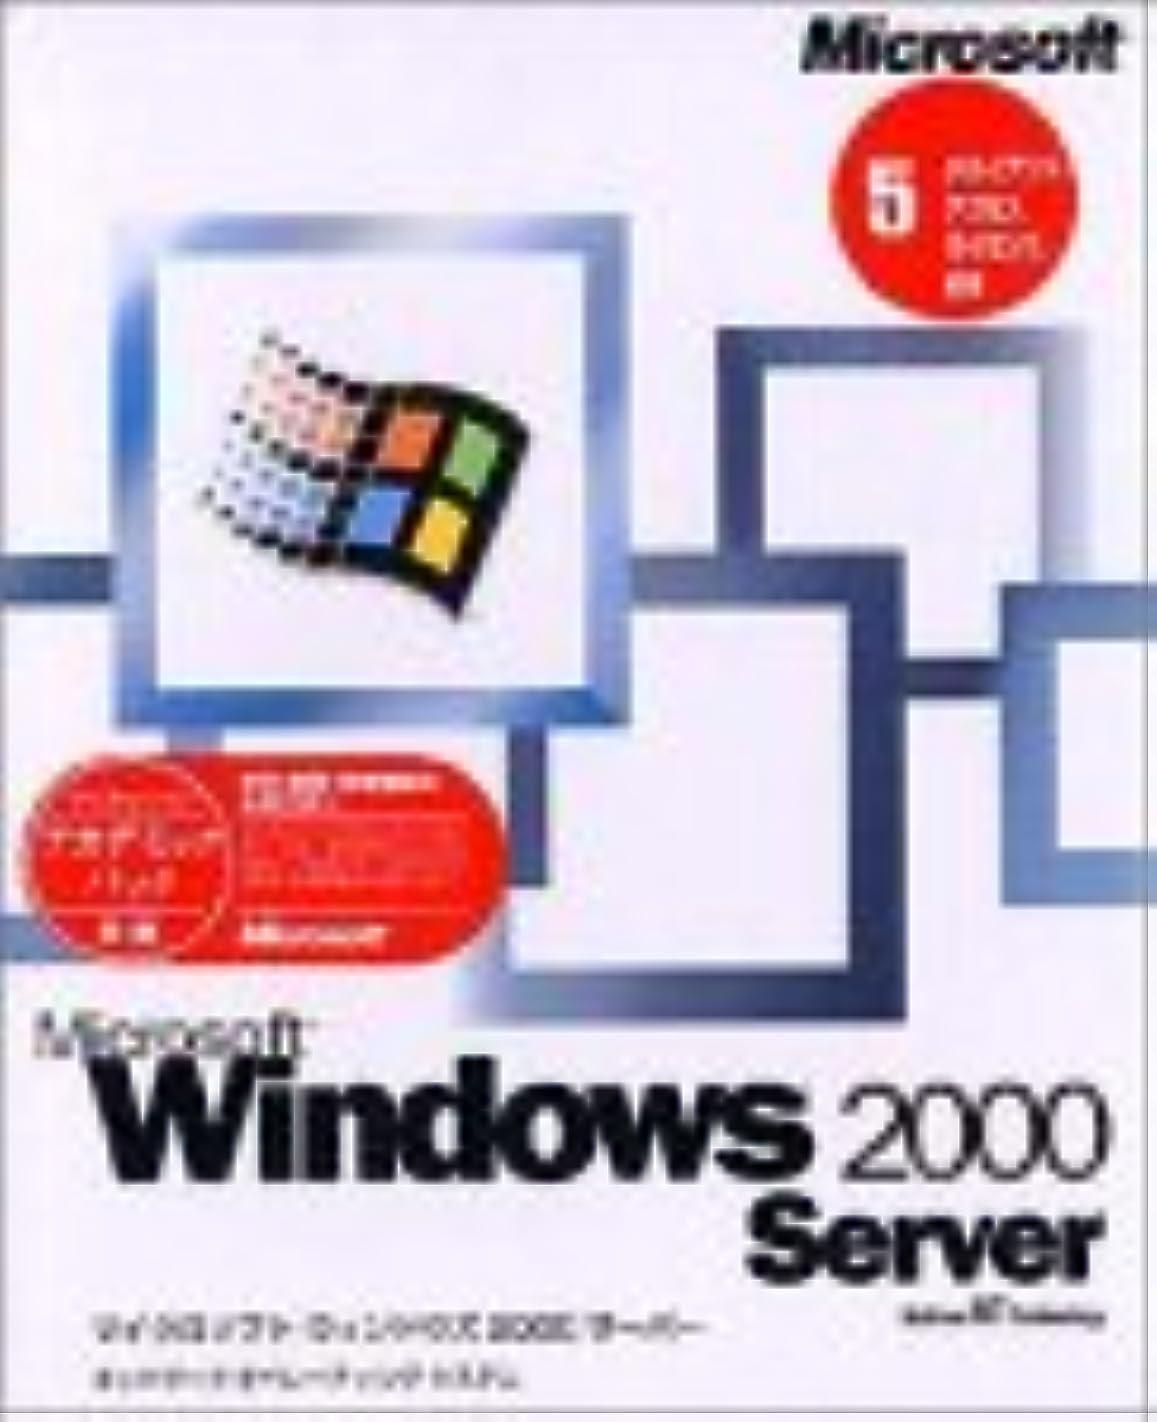 オリエンテーション社交的ラベMicrosoft Windows 2000 Server アカデミックパック 5クライアントアクセスライセンス付き Service Pack 4